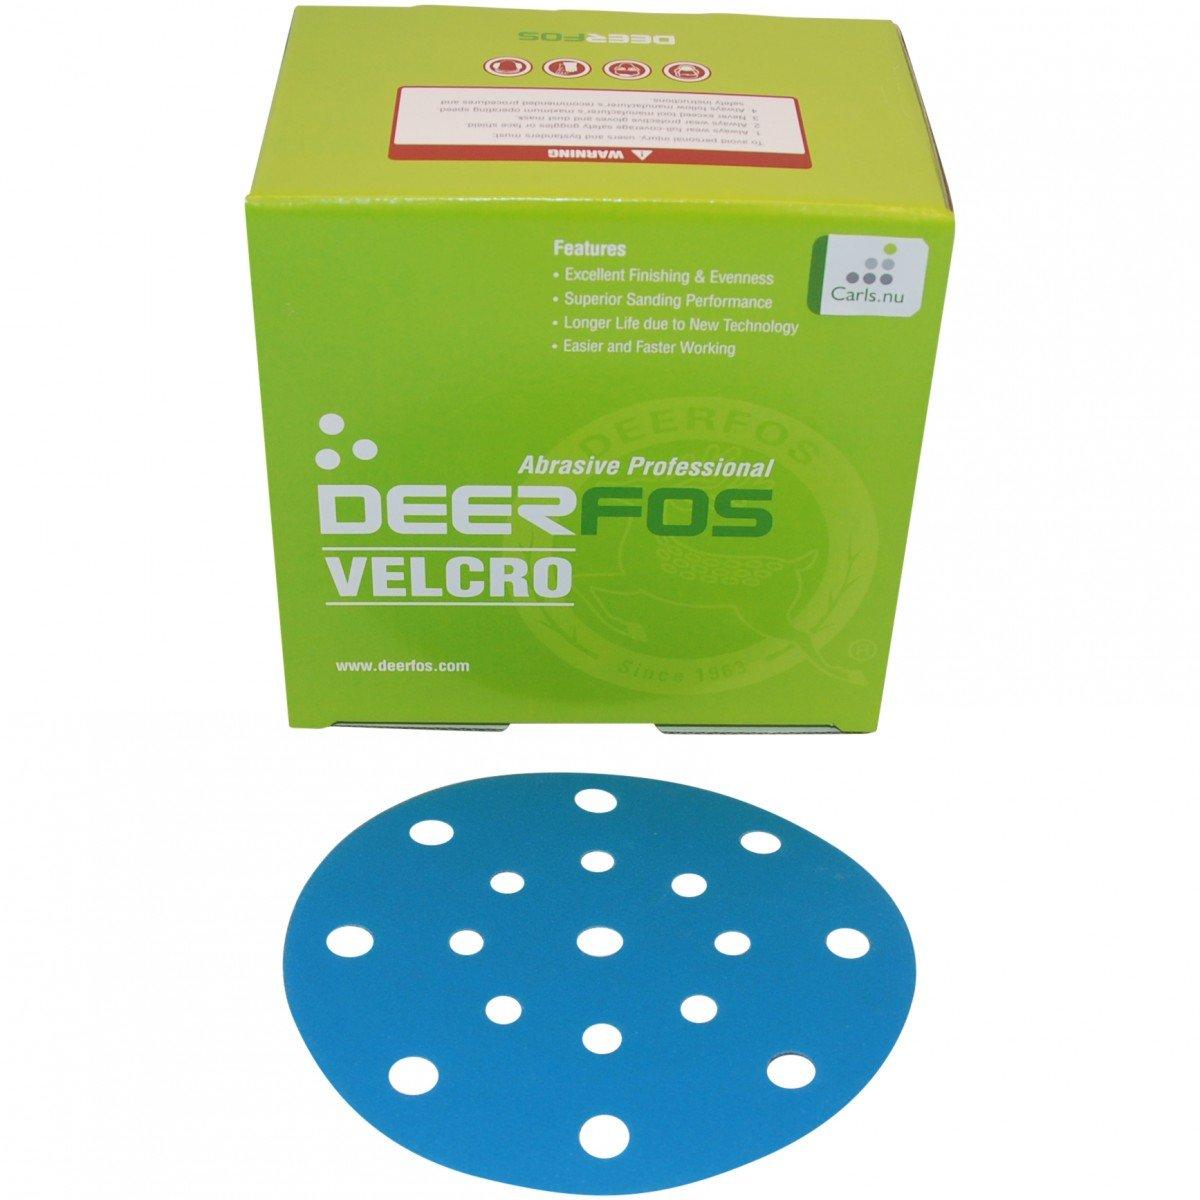 ø150 mm borrelås slipeskive med 17 hull for Festool slipemaskin